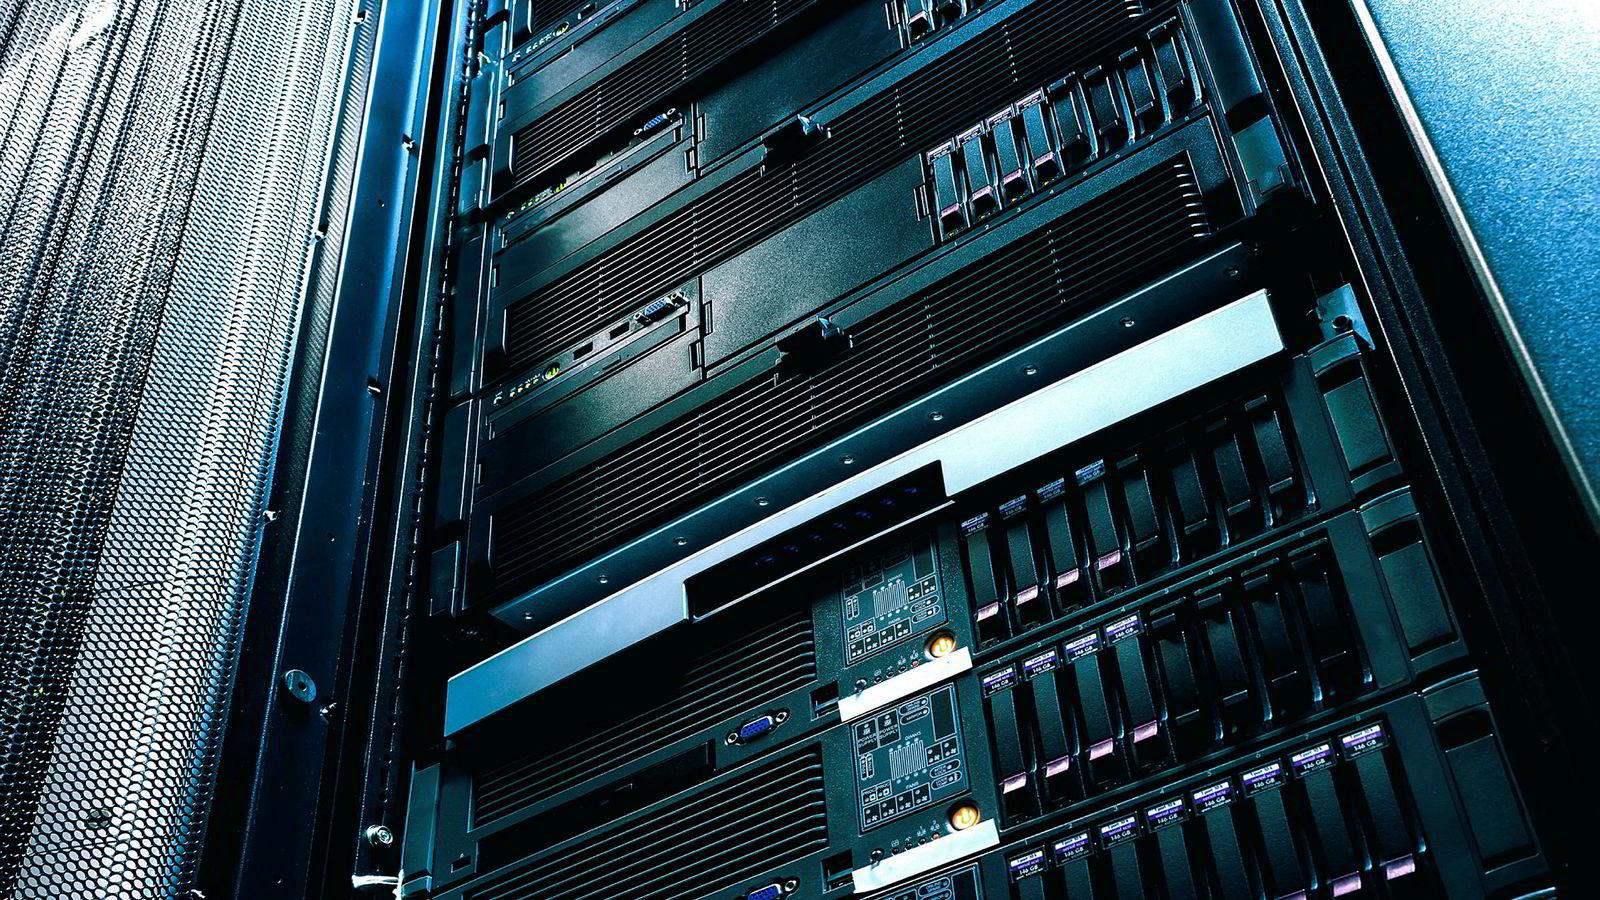 En versjon av databasen «The Dow Jones Watchlist» lå åpent på nett. Databasen med personopplysninger brukes daglig av norske banker for risikovurdering av kunder.